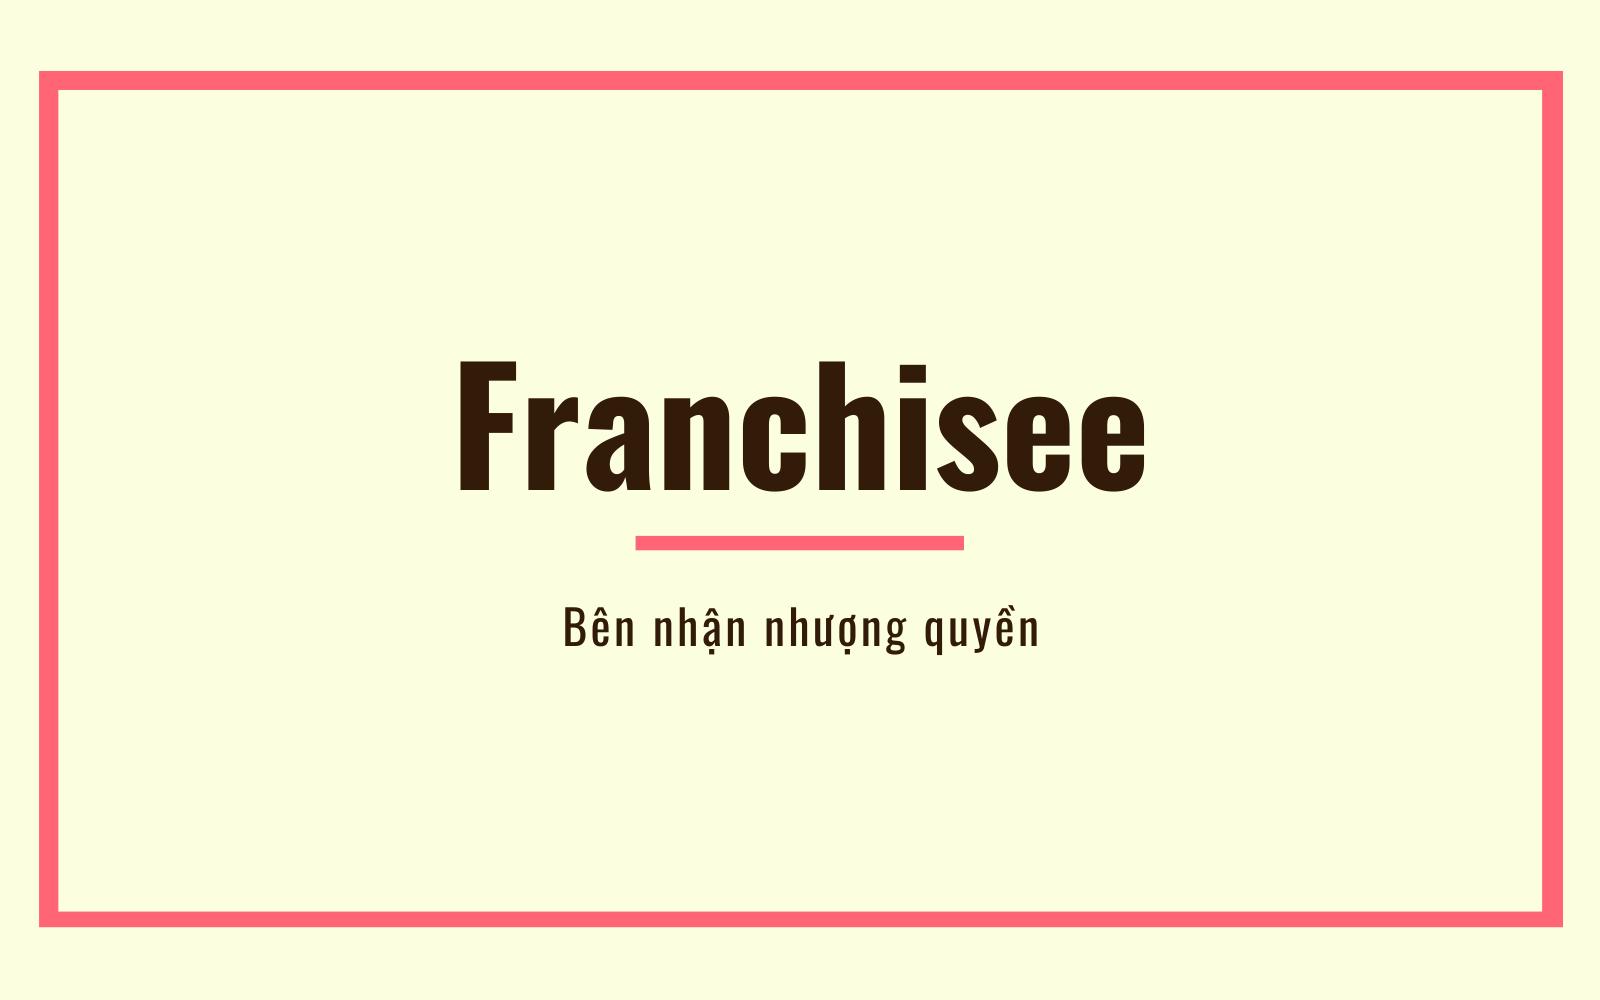 Bên nhận nhượng quyền (Franchisee) là gì? Hiểu về nhượng quyền thương mại - Ảnh 1.